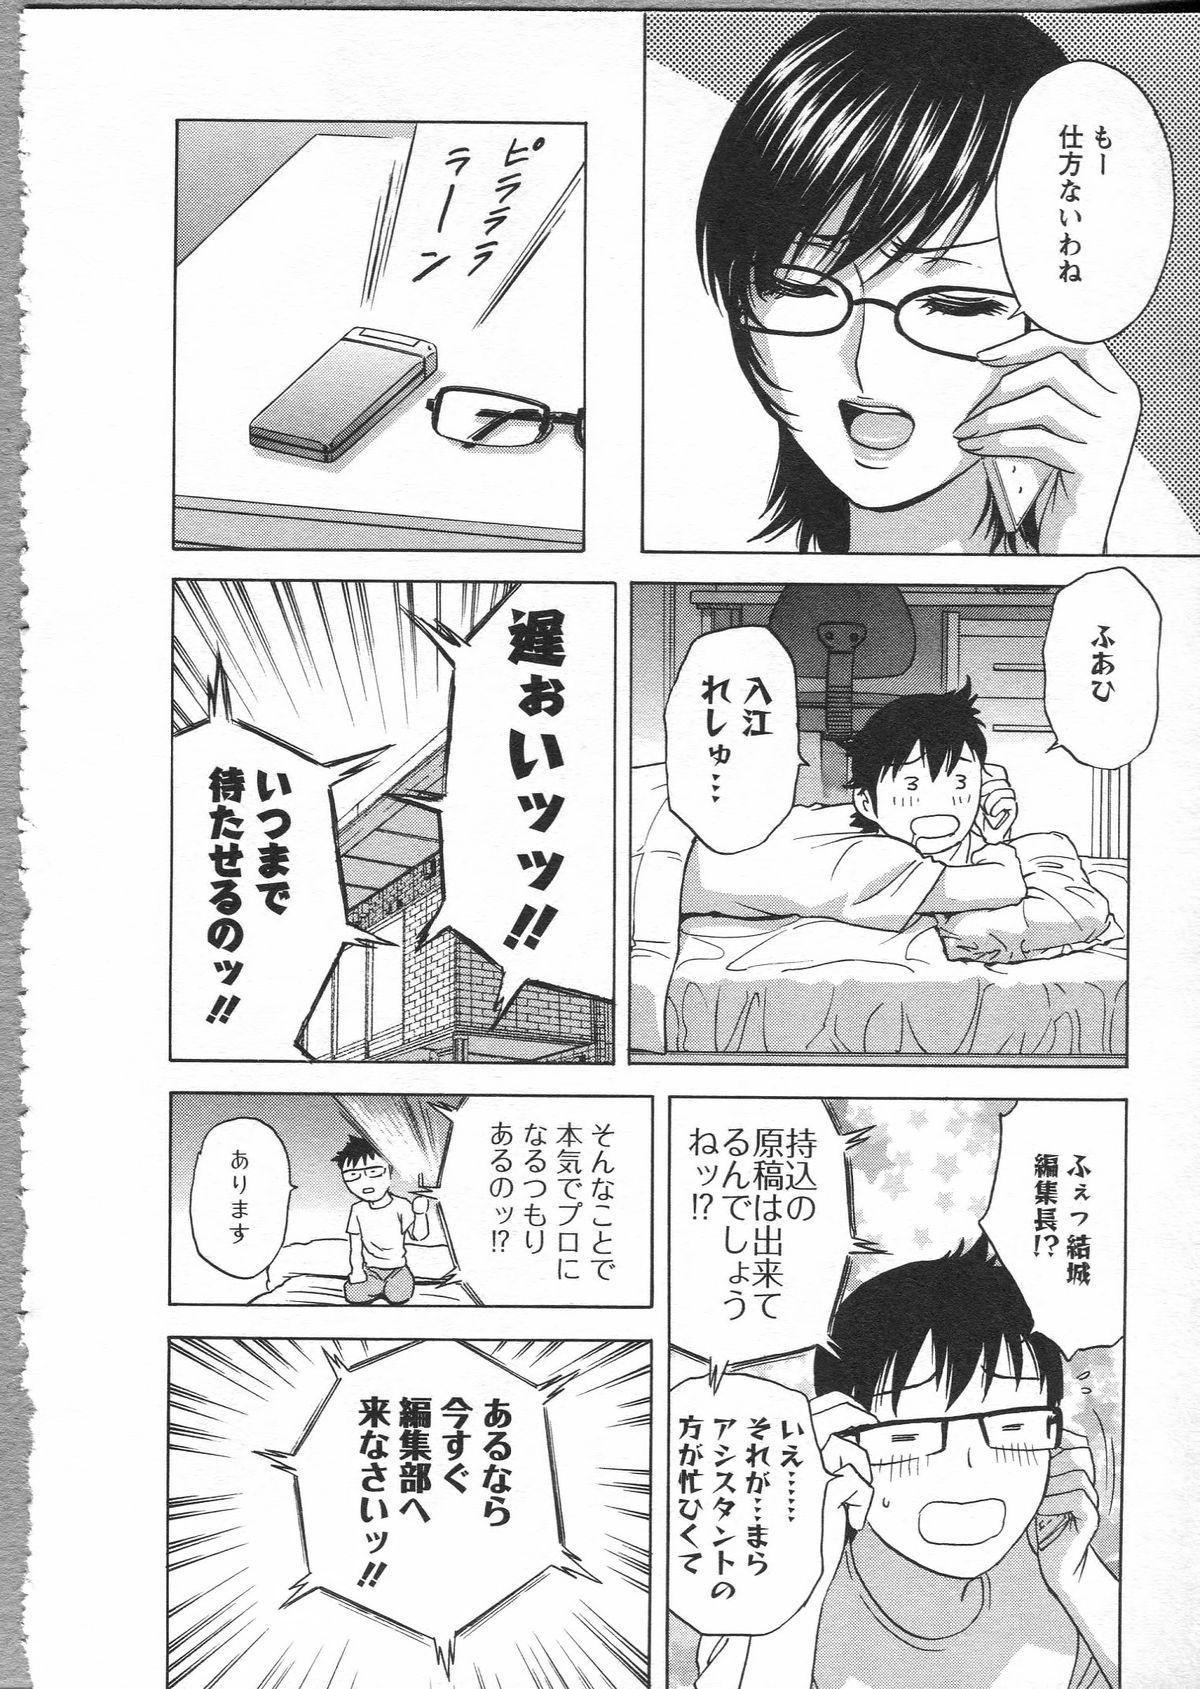 Manga no youna Hitozuma to no Hibi - Days with Married Women such as Comics. 155